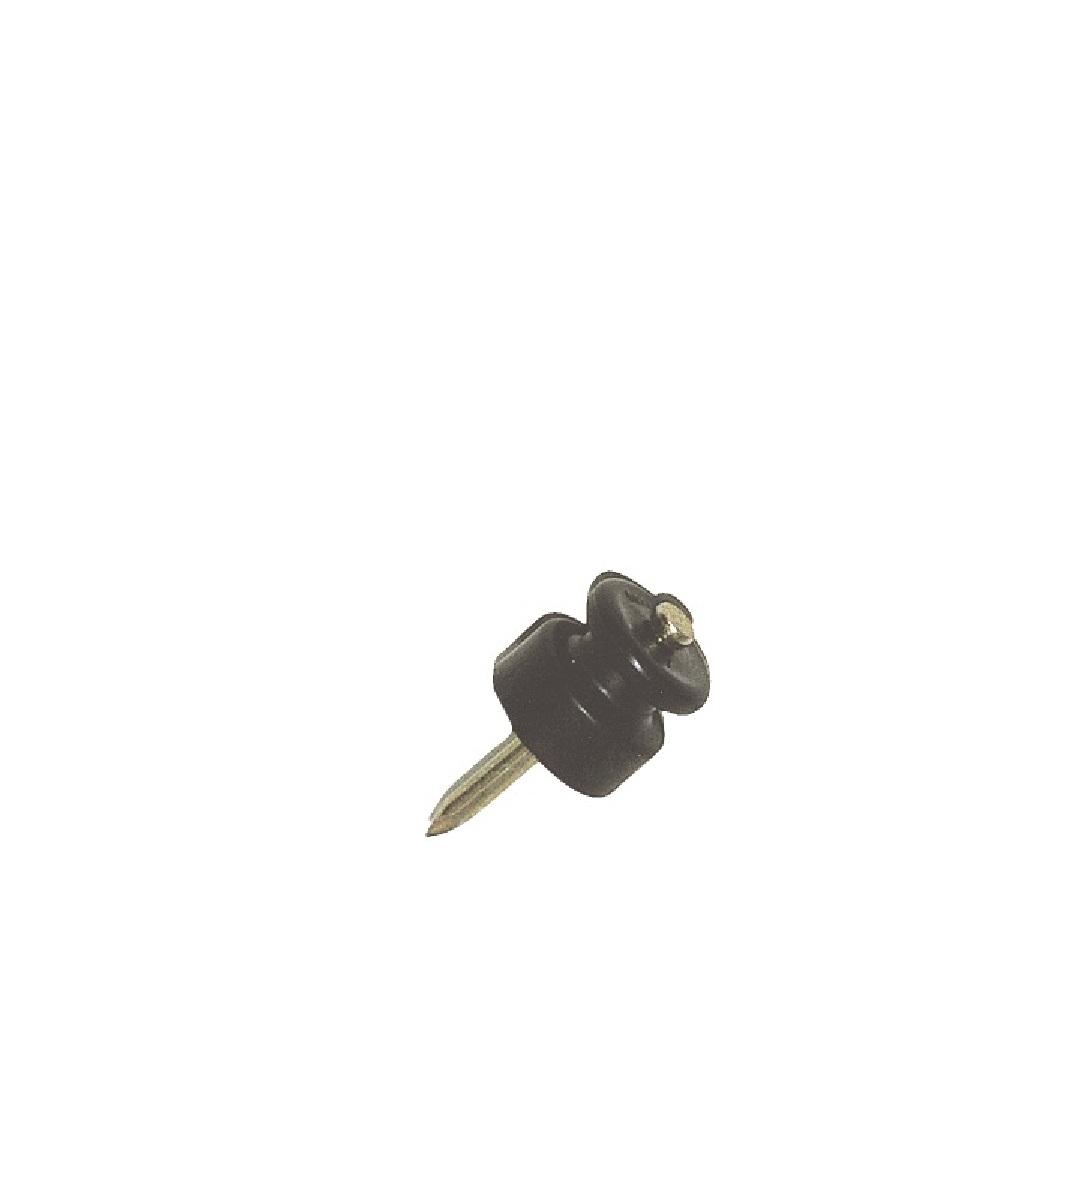 Knopfisolator ohne Nagel * bis 9V - Qualität von HORIZONT